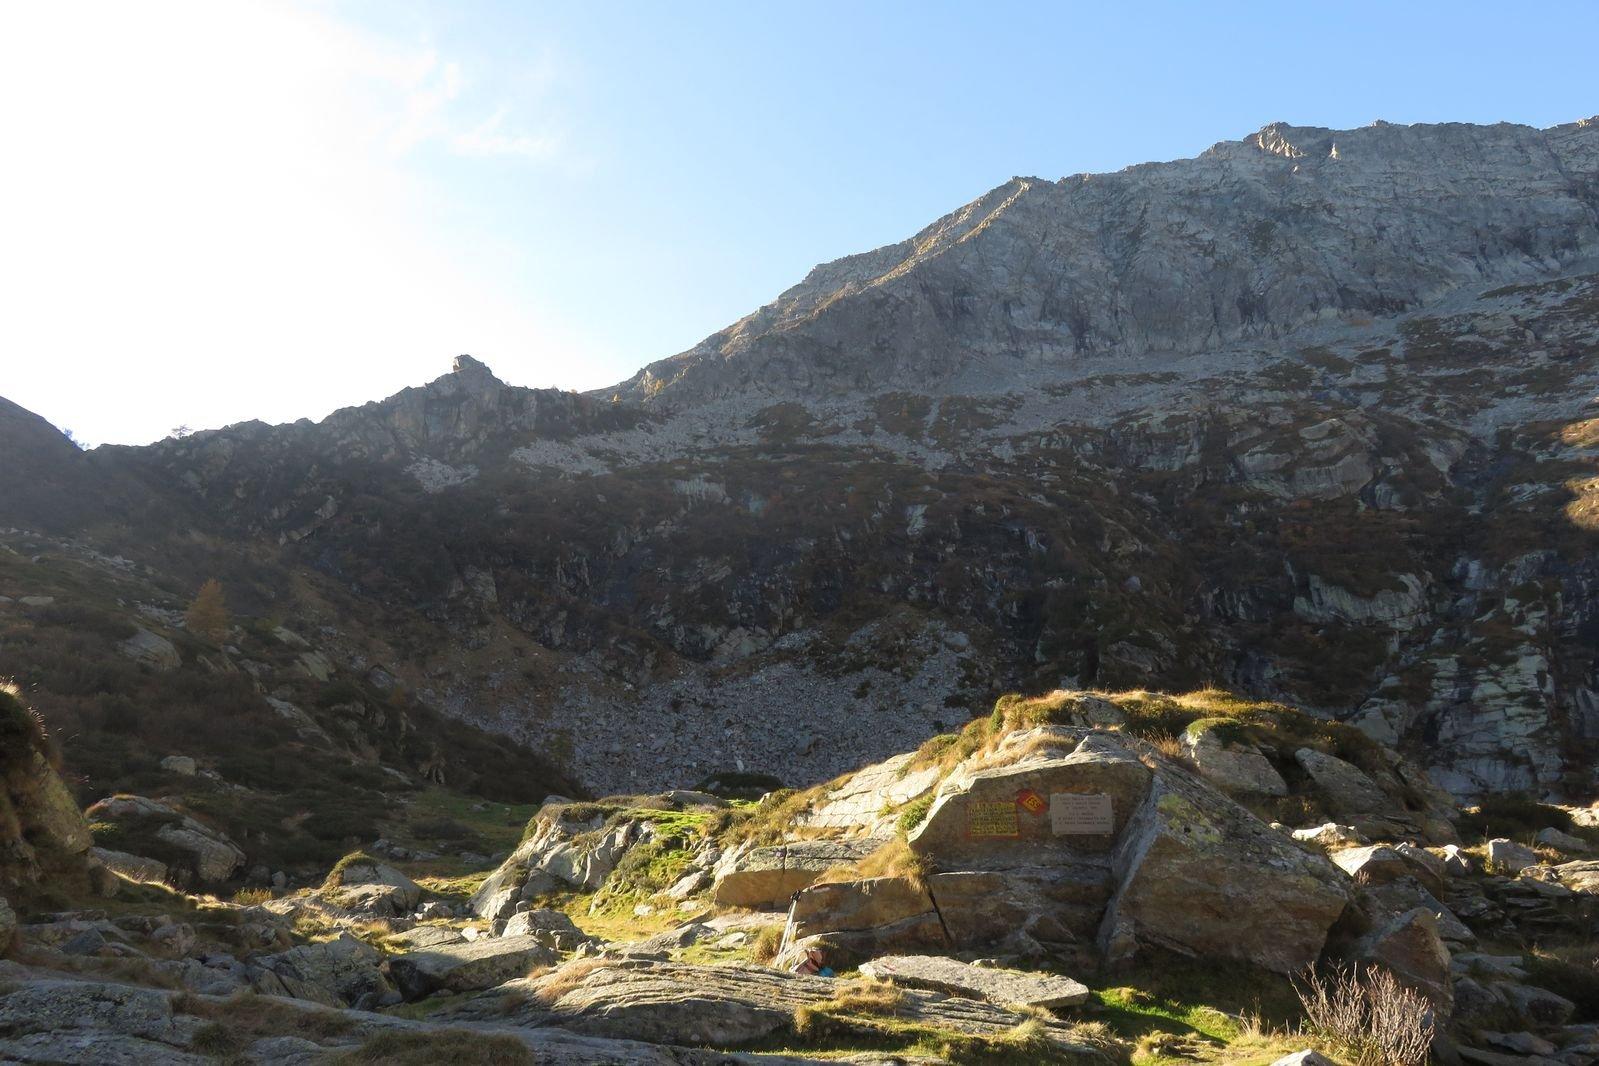 la cresta vista dal lago della vecchia